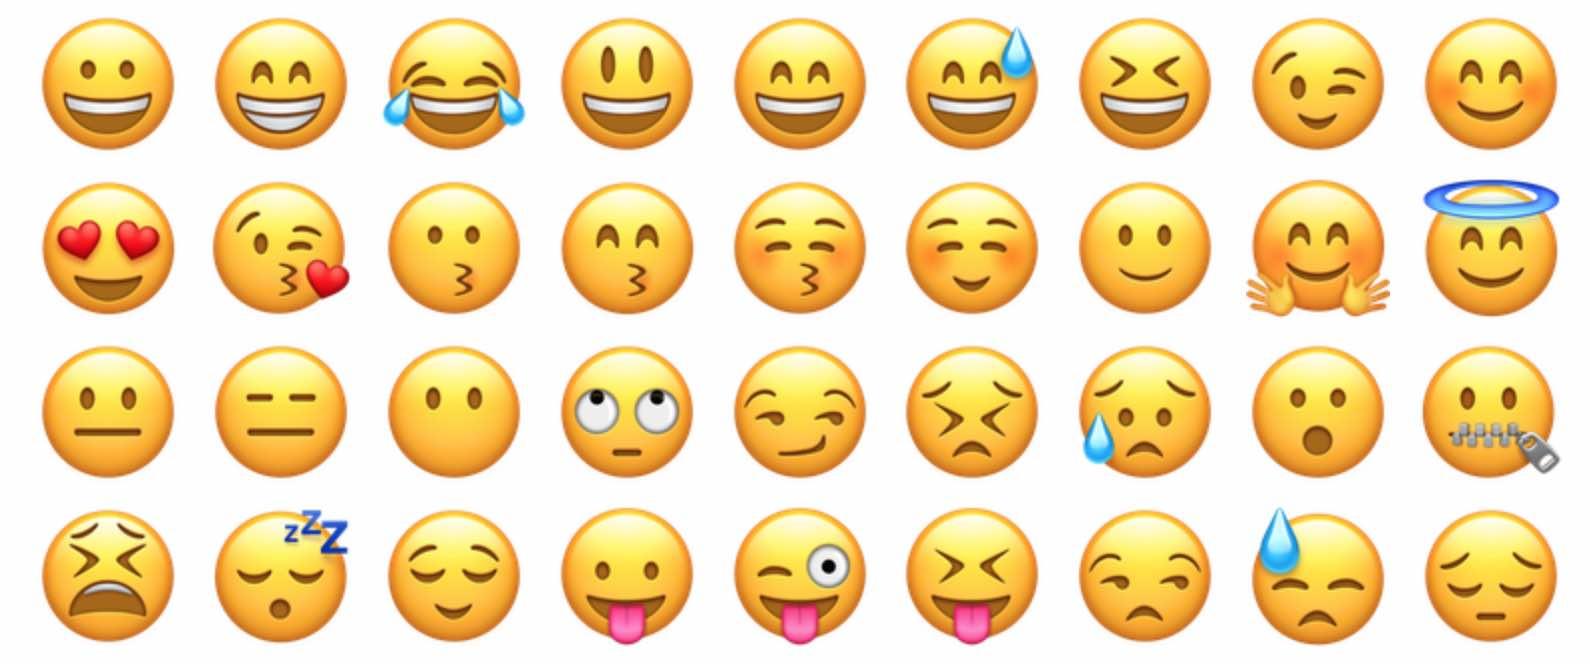 Une palette d'expressions avec les Emojis